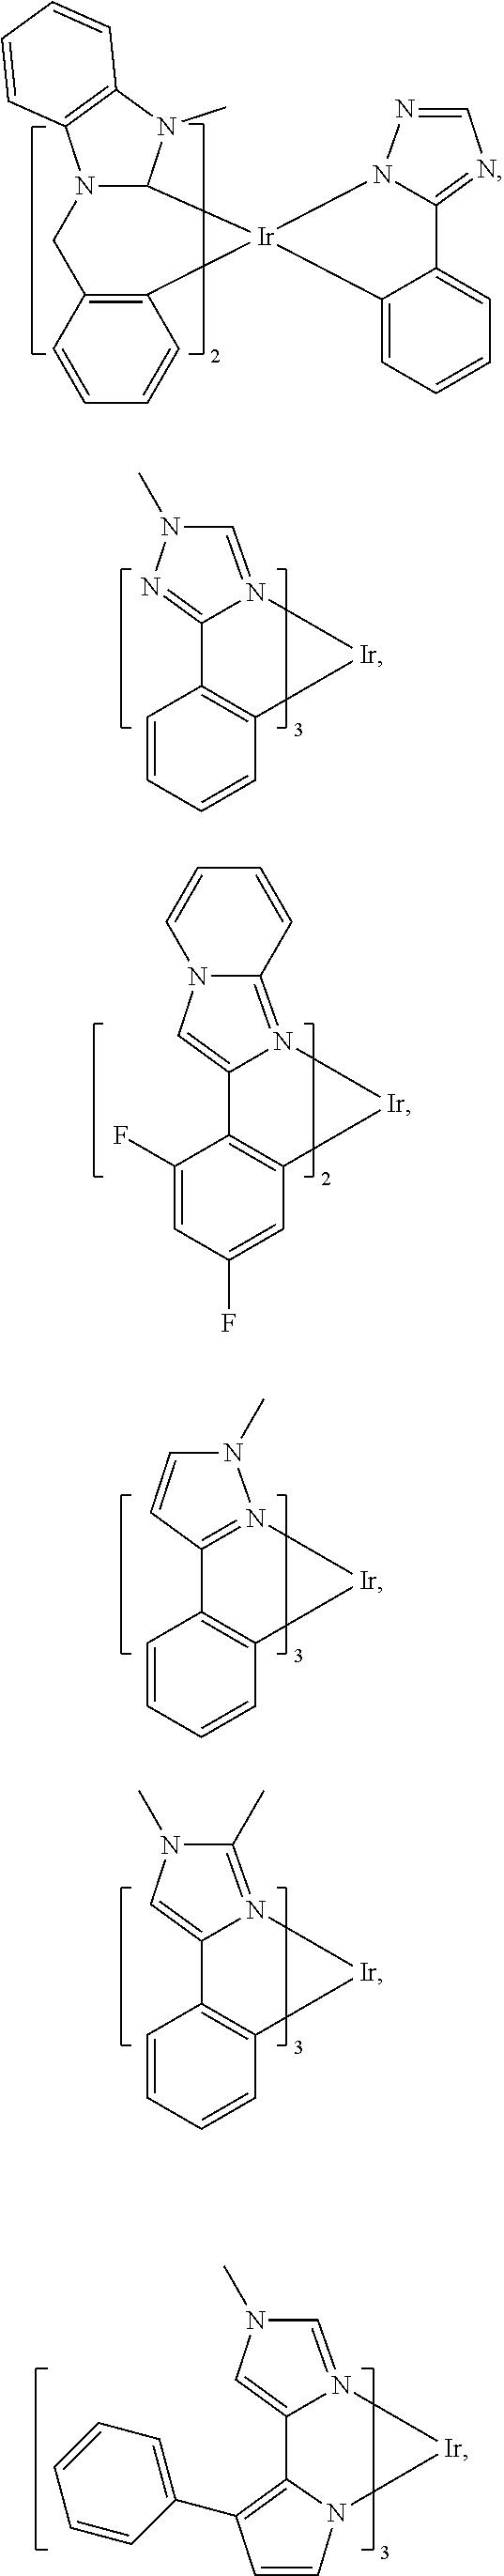 Figure US09455411-20160927-C00210